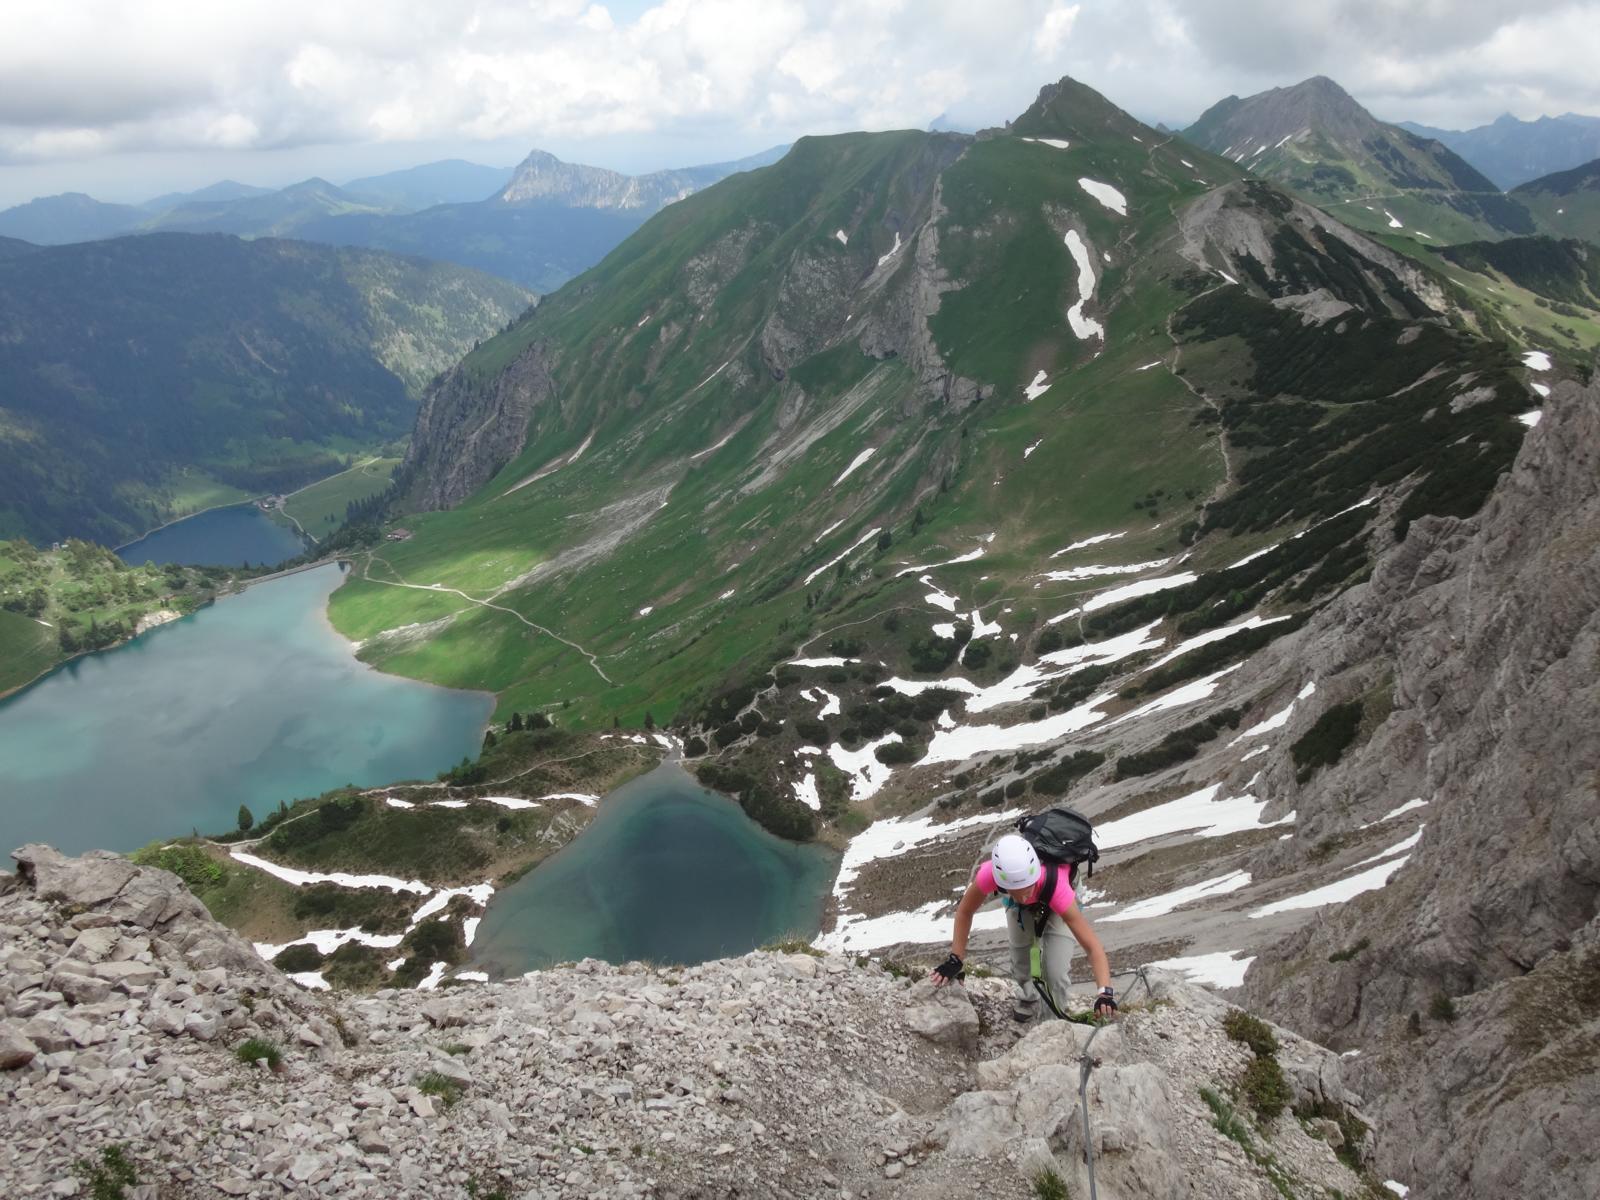 Klettersteig Lachenspitze Bilder : Klettersteig lachenspitze nordwand medias on instagram picgra